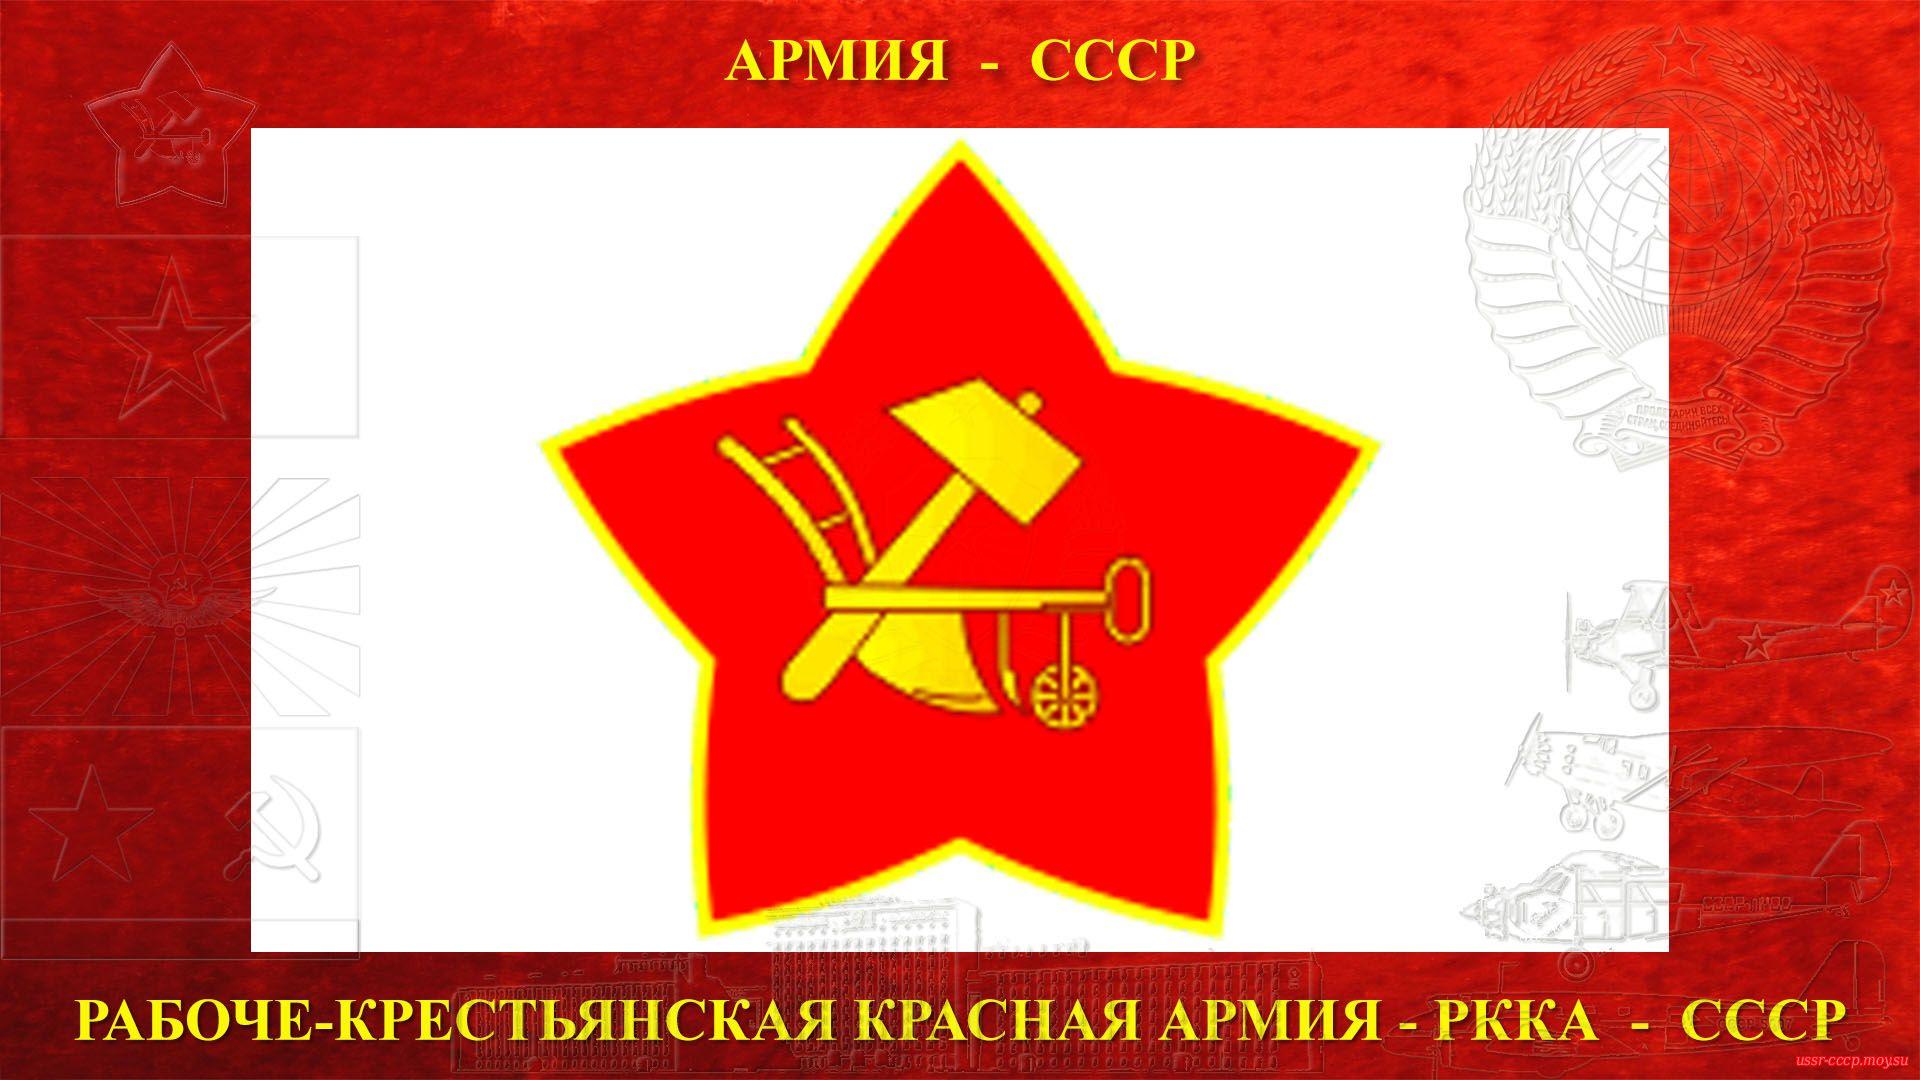 Эмблемы РККА, Плуги молот внутрикрасной звезды, образца 1918 года.